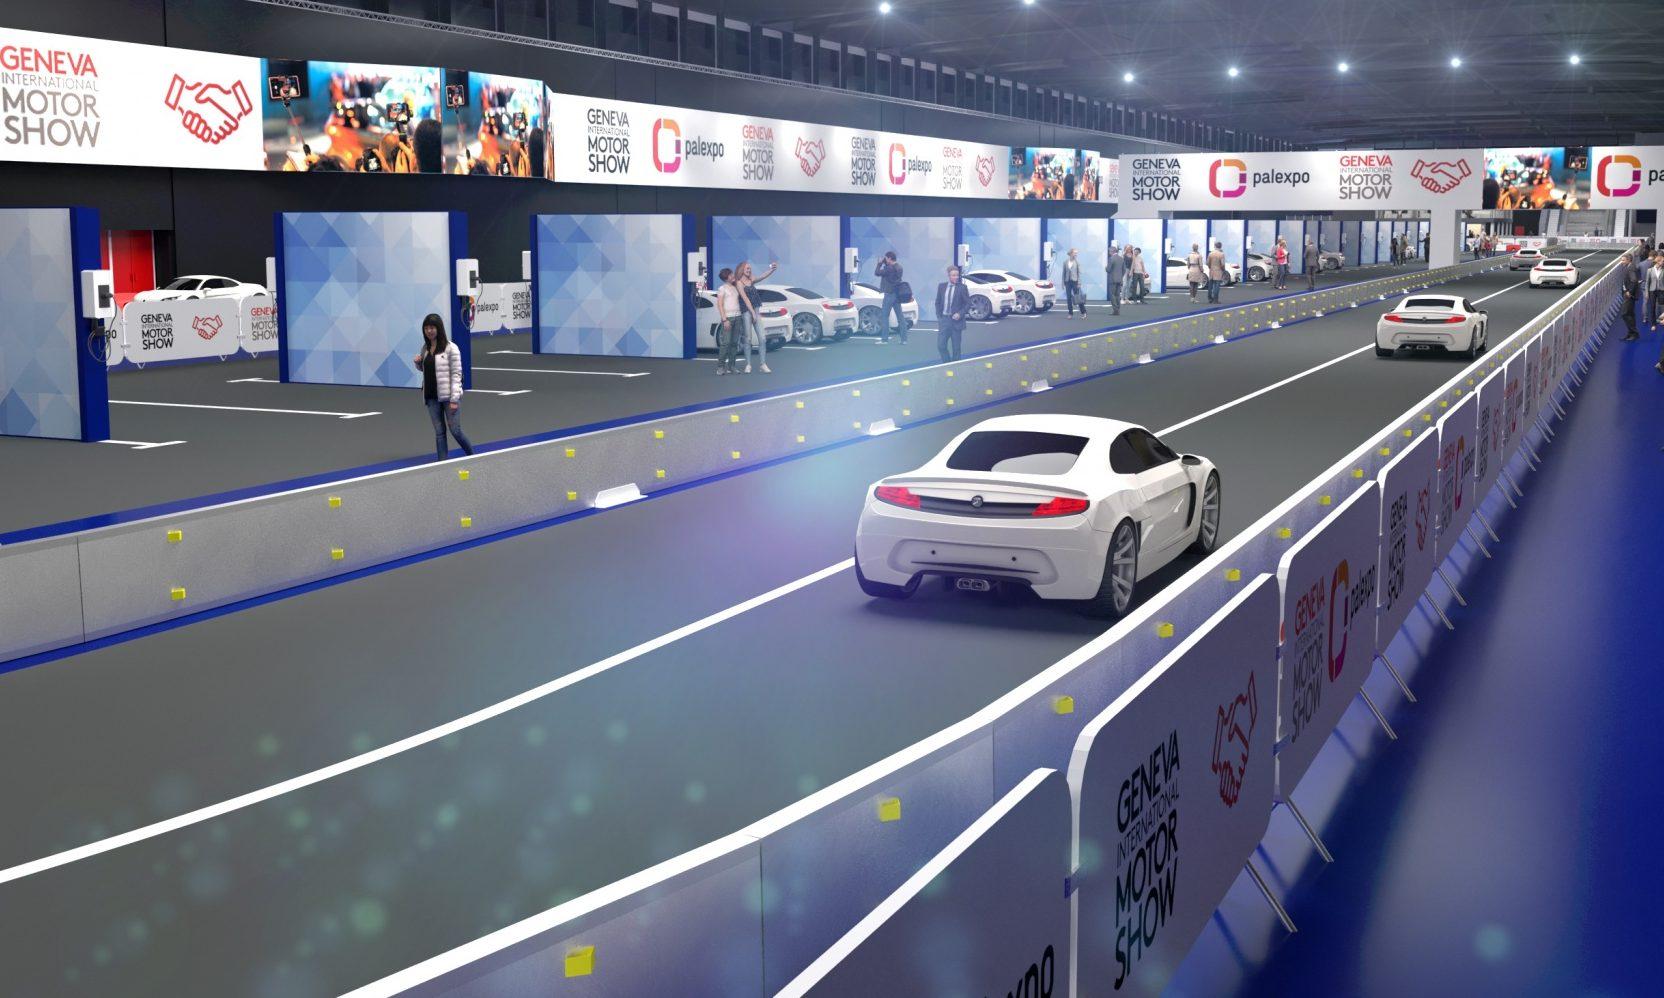 Geneva-Motor-Show-Track-3-e1579748347251